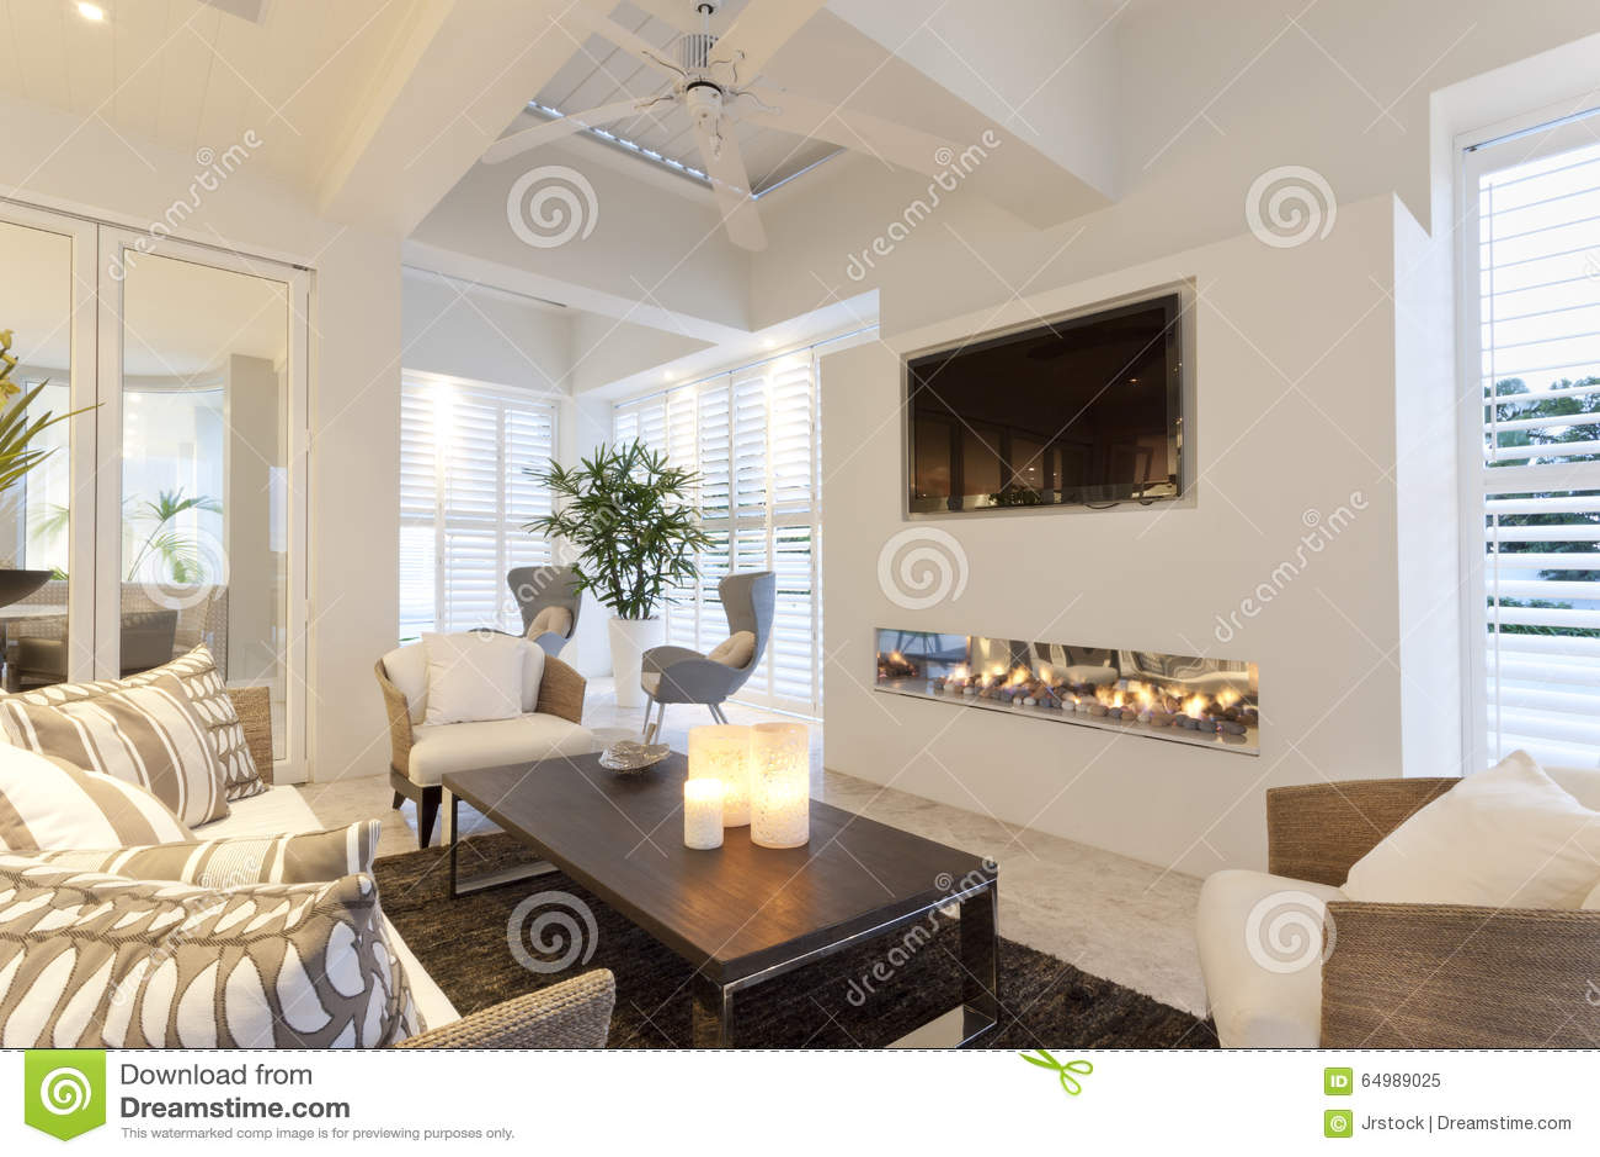 beau salon avec une chemin e image stock image du details lumi re 64989025. Black Bedroom Furniture Sets. Home Design Ideas